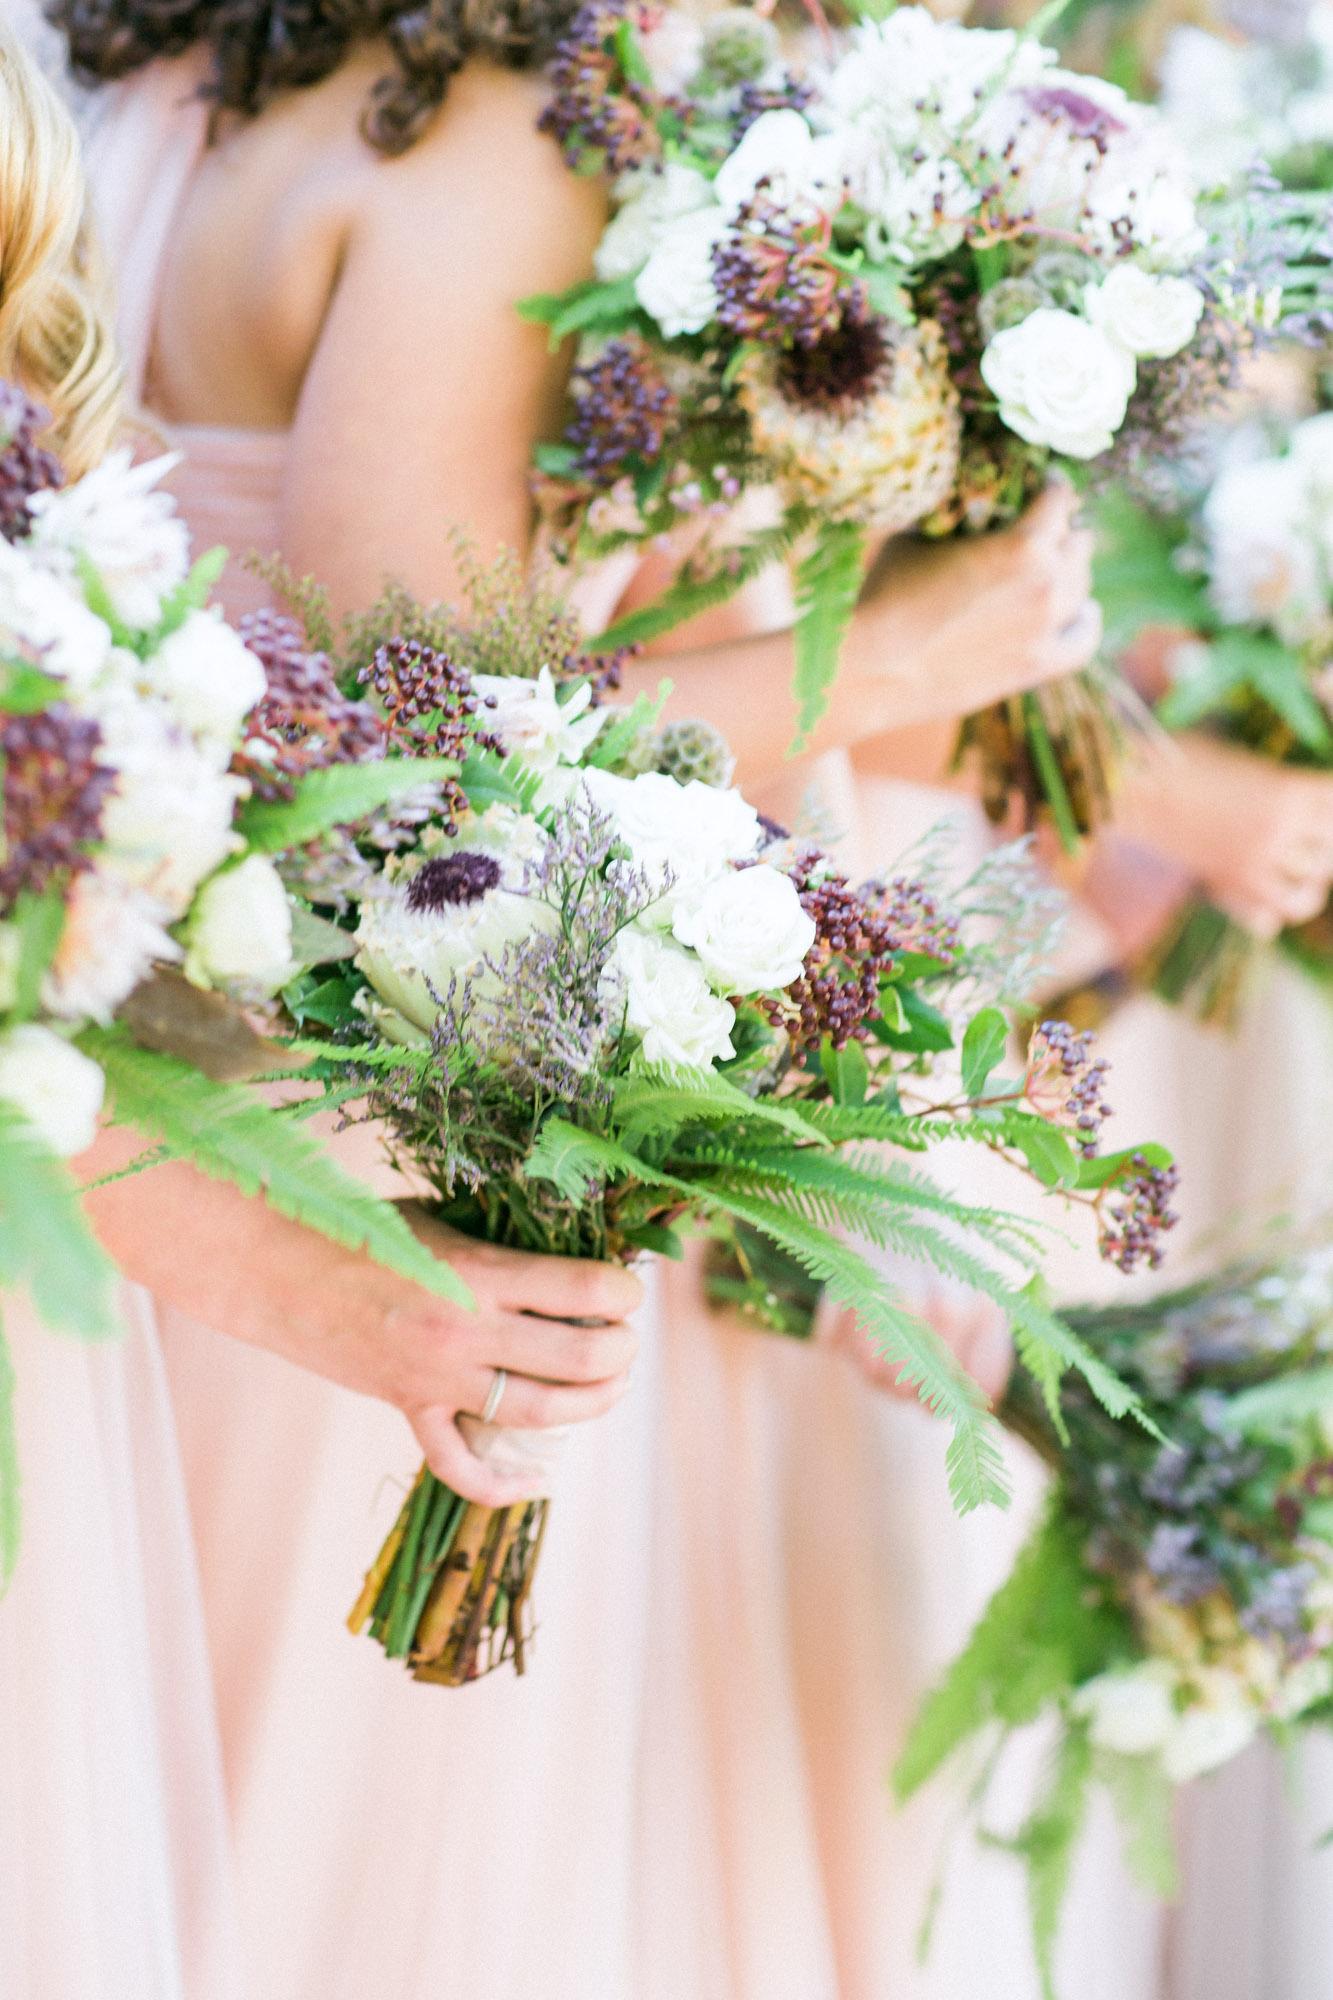 naples-botanical-garden-luxury-destination-wedding-anna-lucia-events-1258.jpg